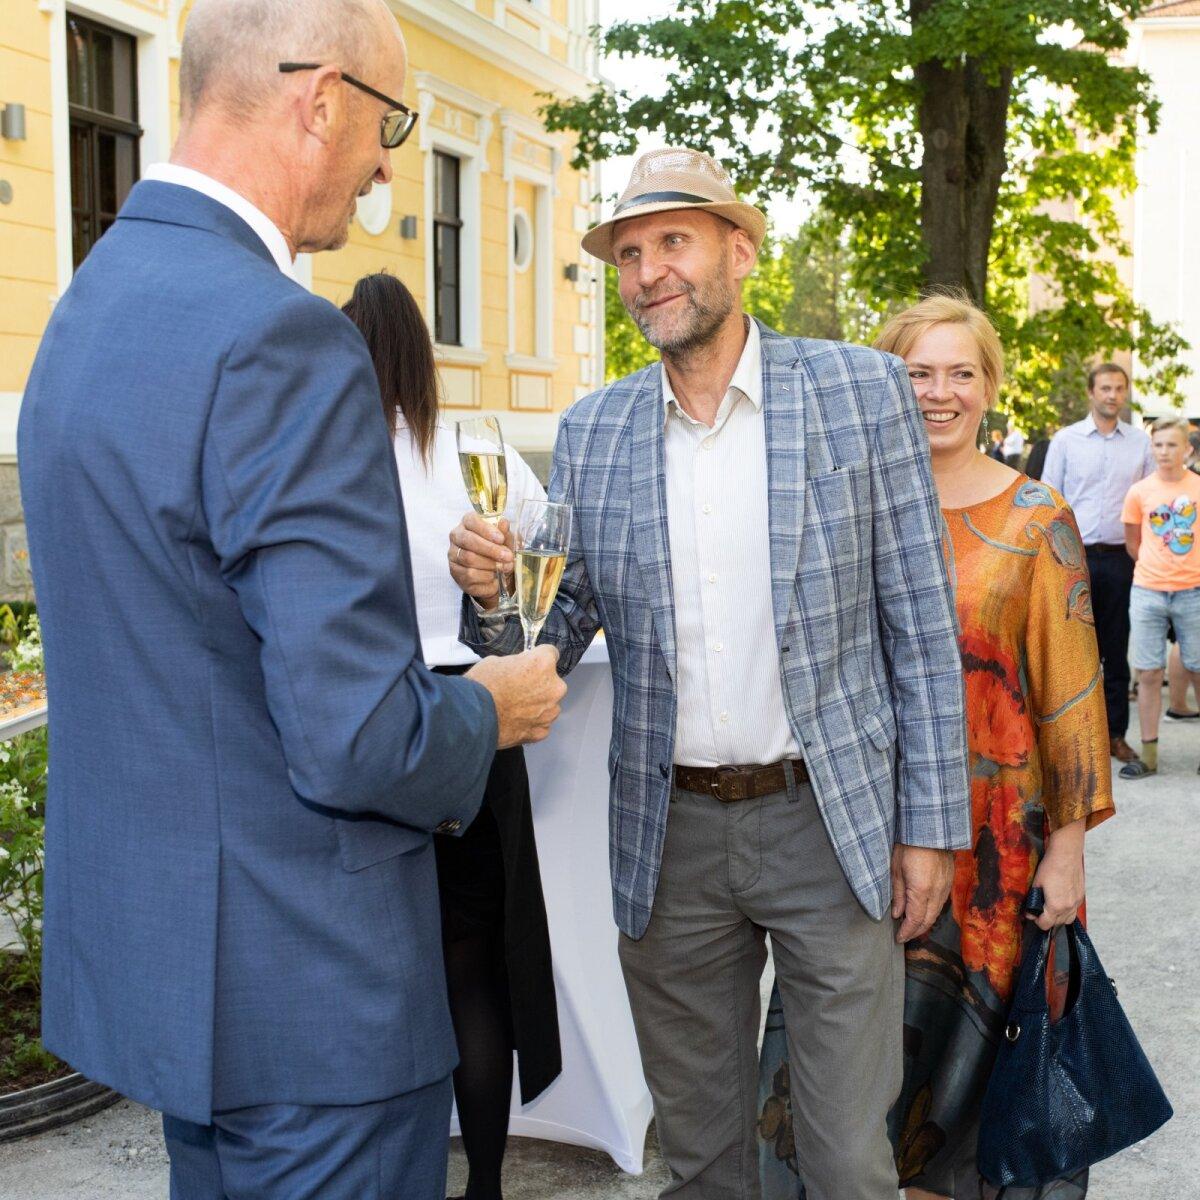 KLAASID KOKKU! Palju õnne soovivad Isamaa esimees Helir-Valdor Seeder ja tema abikaasa Janne.